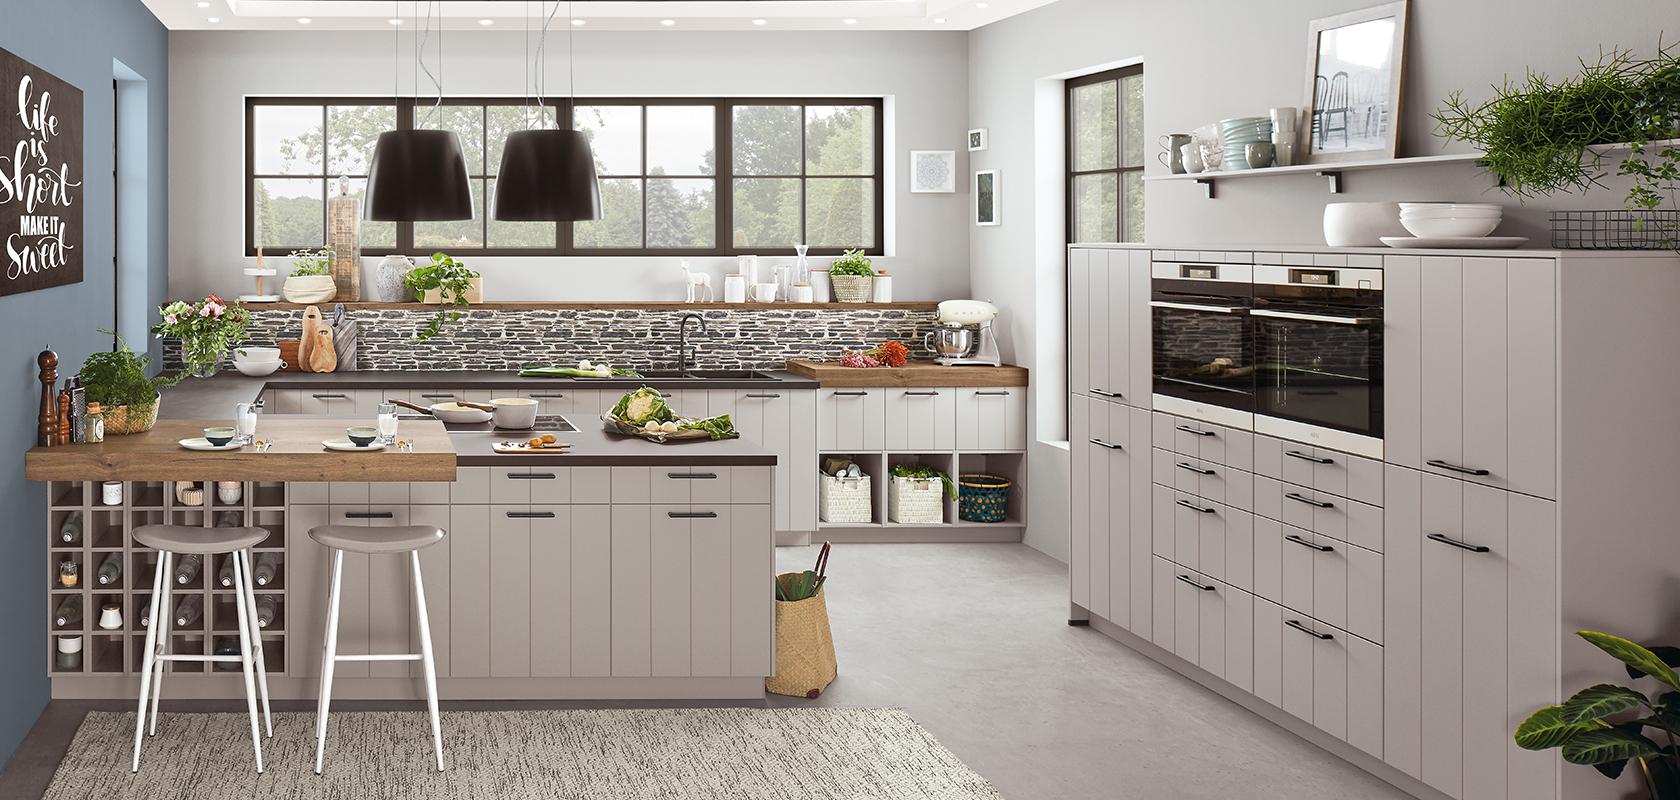 Full Size of Nobilia Besteckeinsatz Move 90 Mit Messerblock Concept Trend 100 Cm 60 Holz 80 90er Kchen Küche Einbauküche Wohnzimmer Nobilia Besteckeinsatz